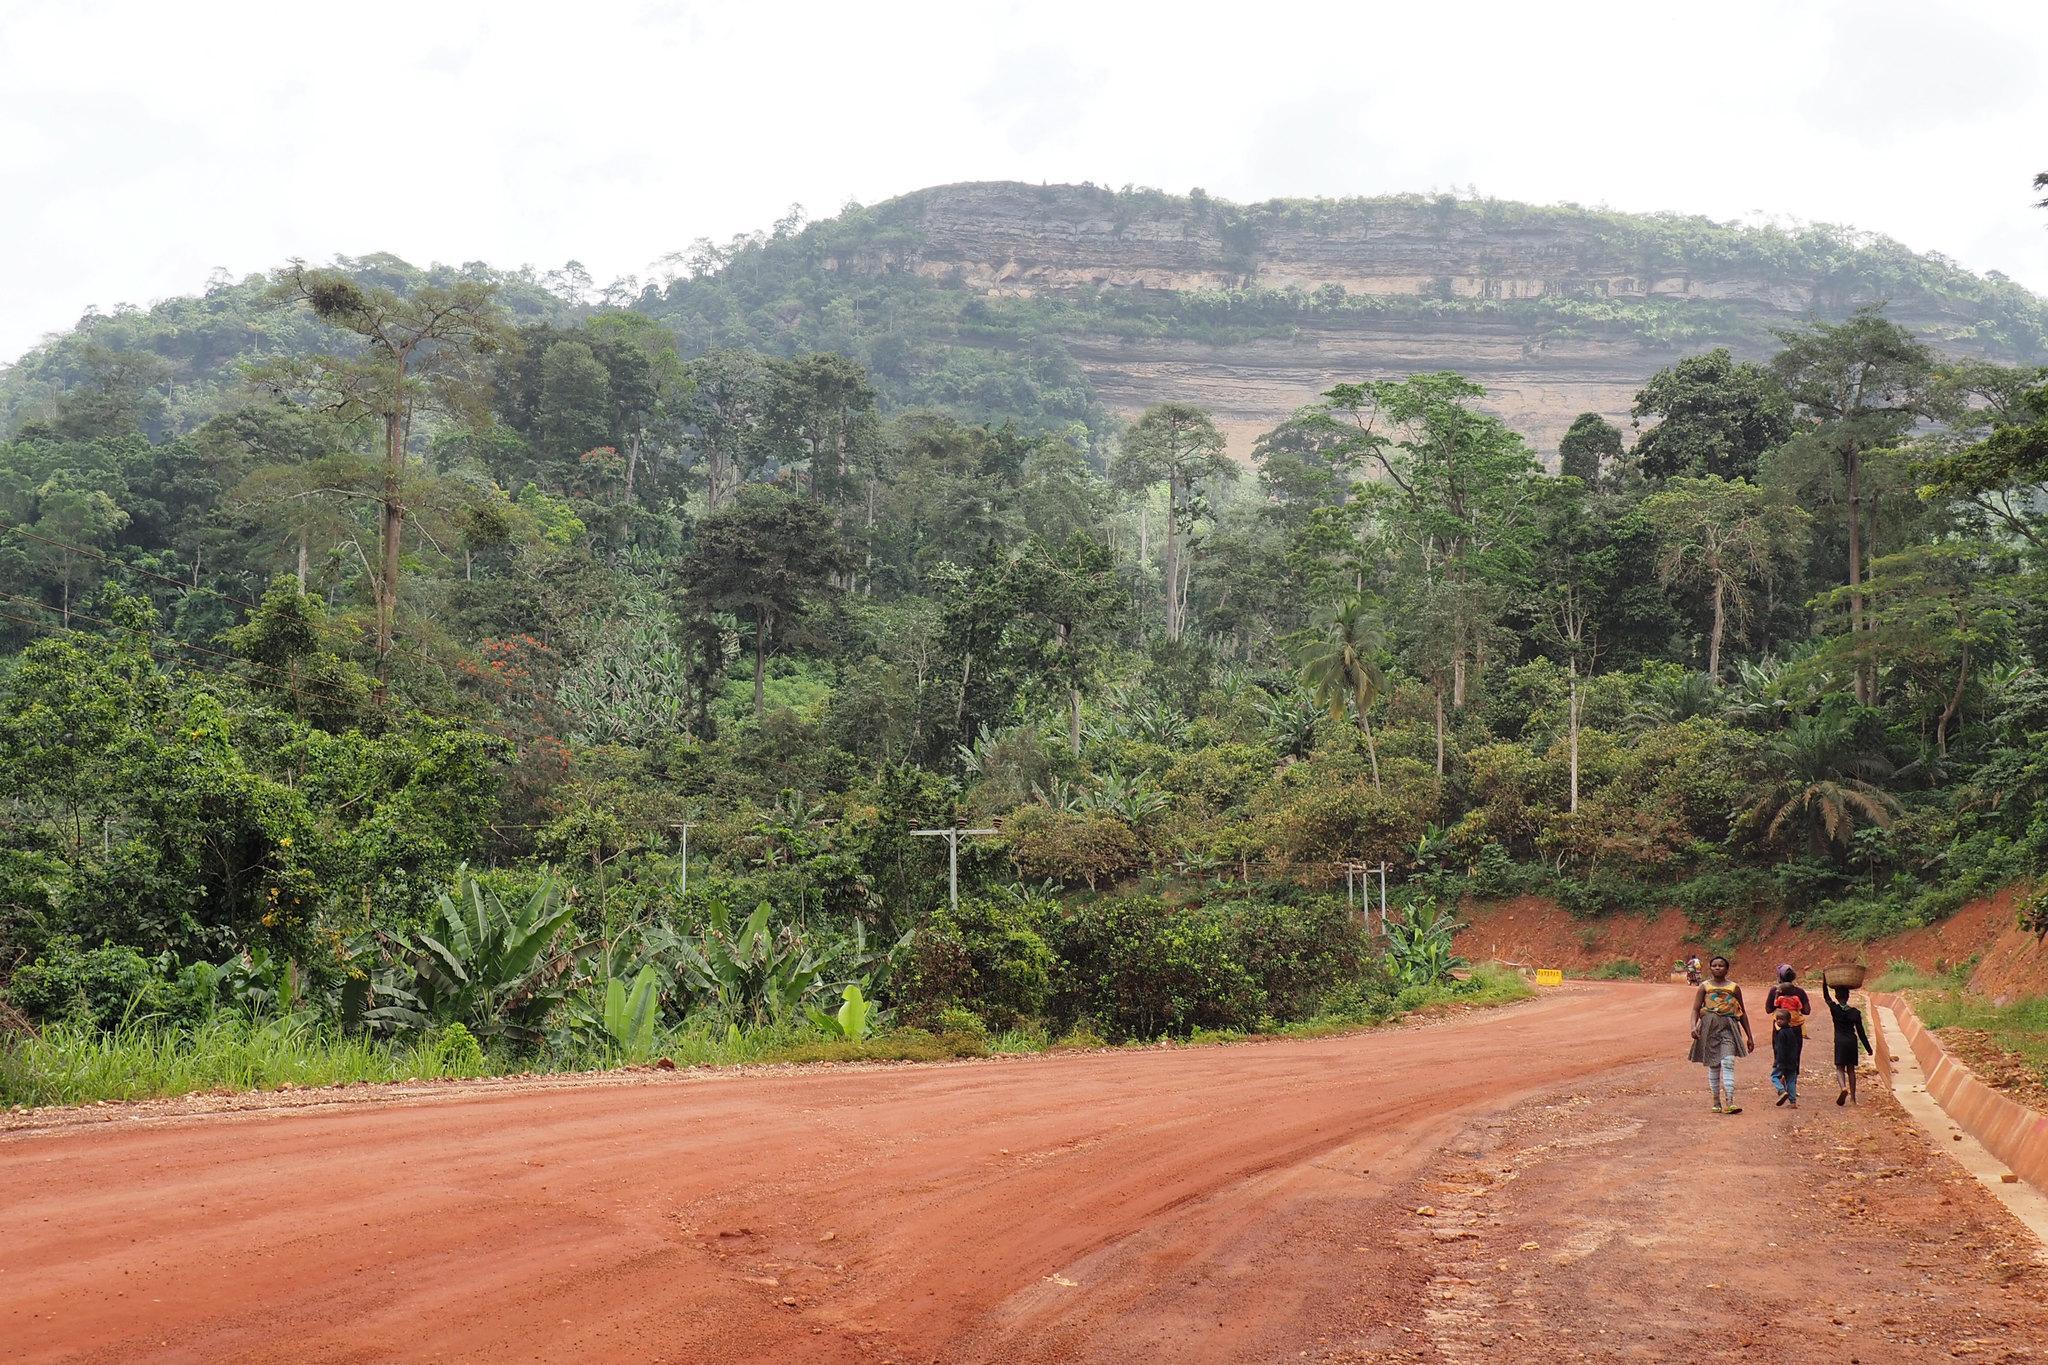 El intercambio de conocimientos en los paisajes tropicales es  clave para la resiliencia